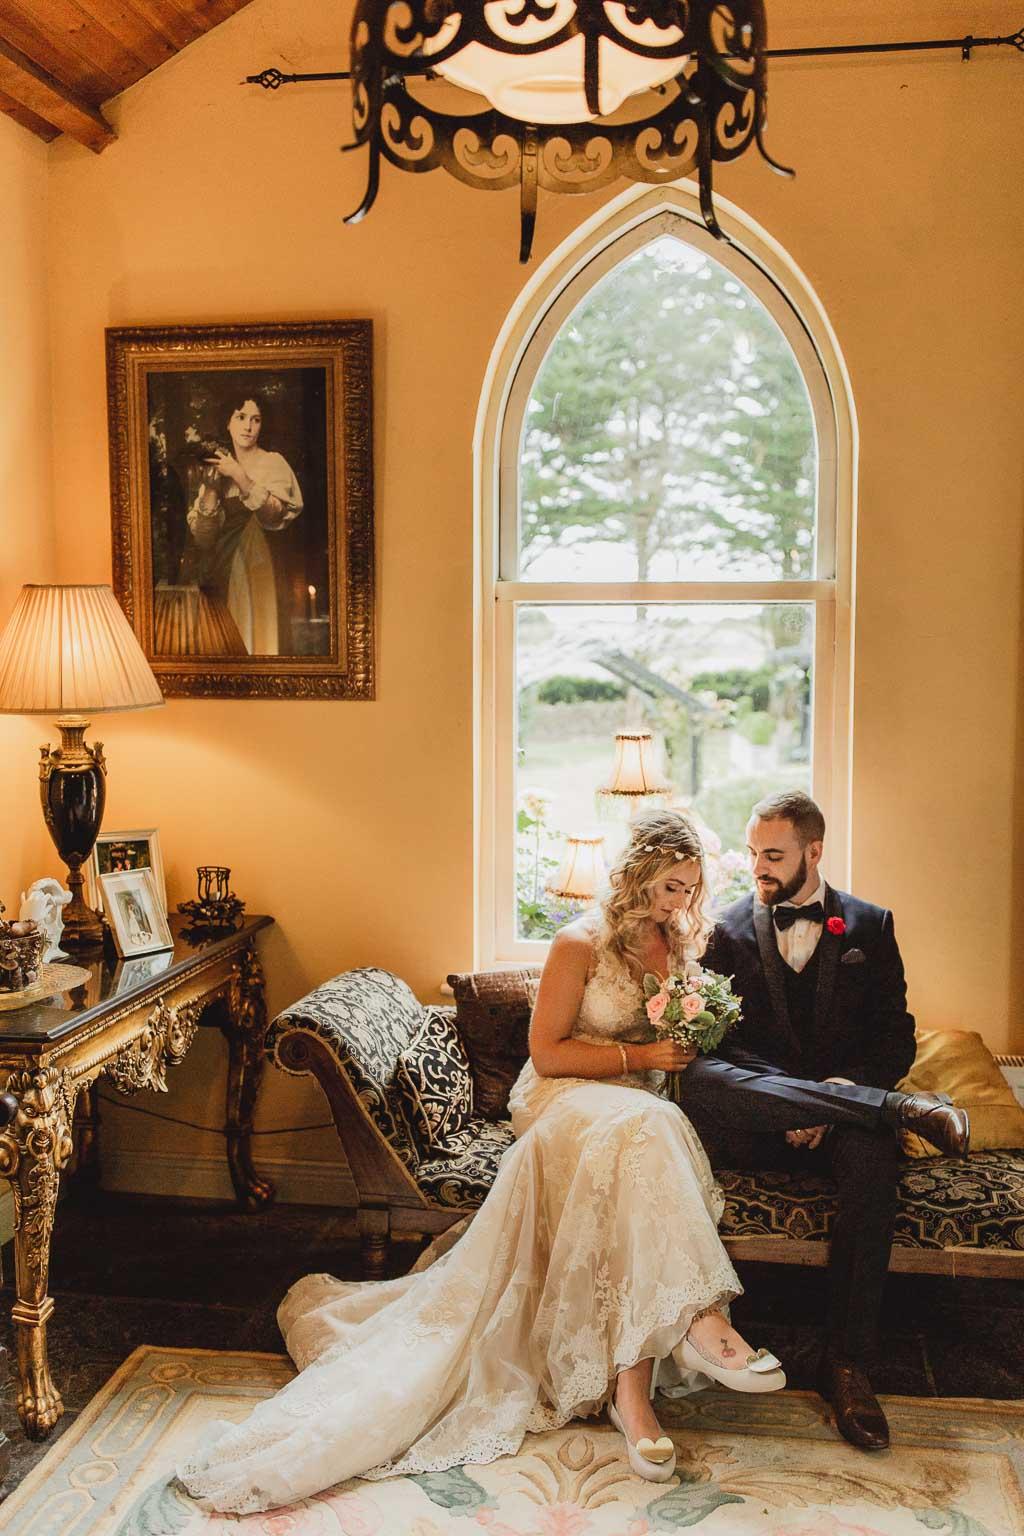 shabby chic wedding ideas-39.jpg